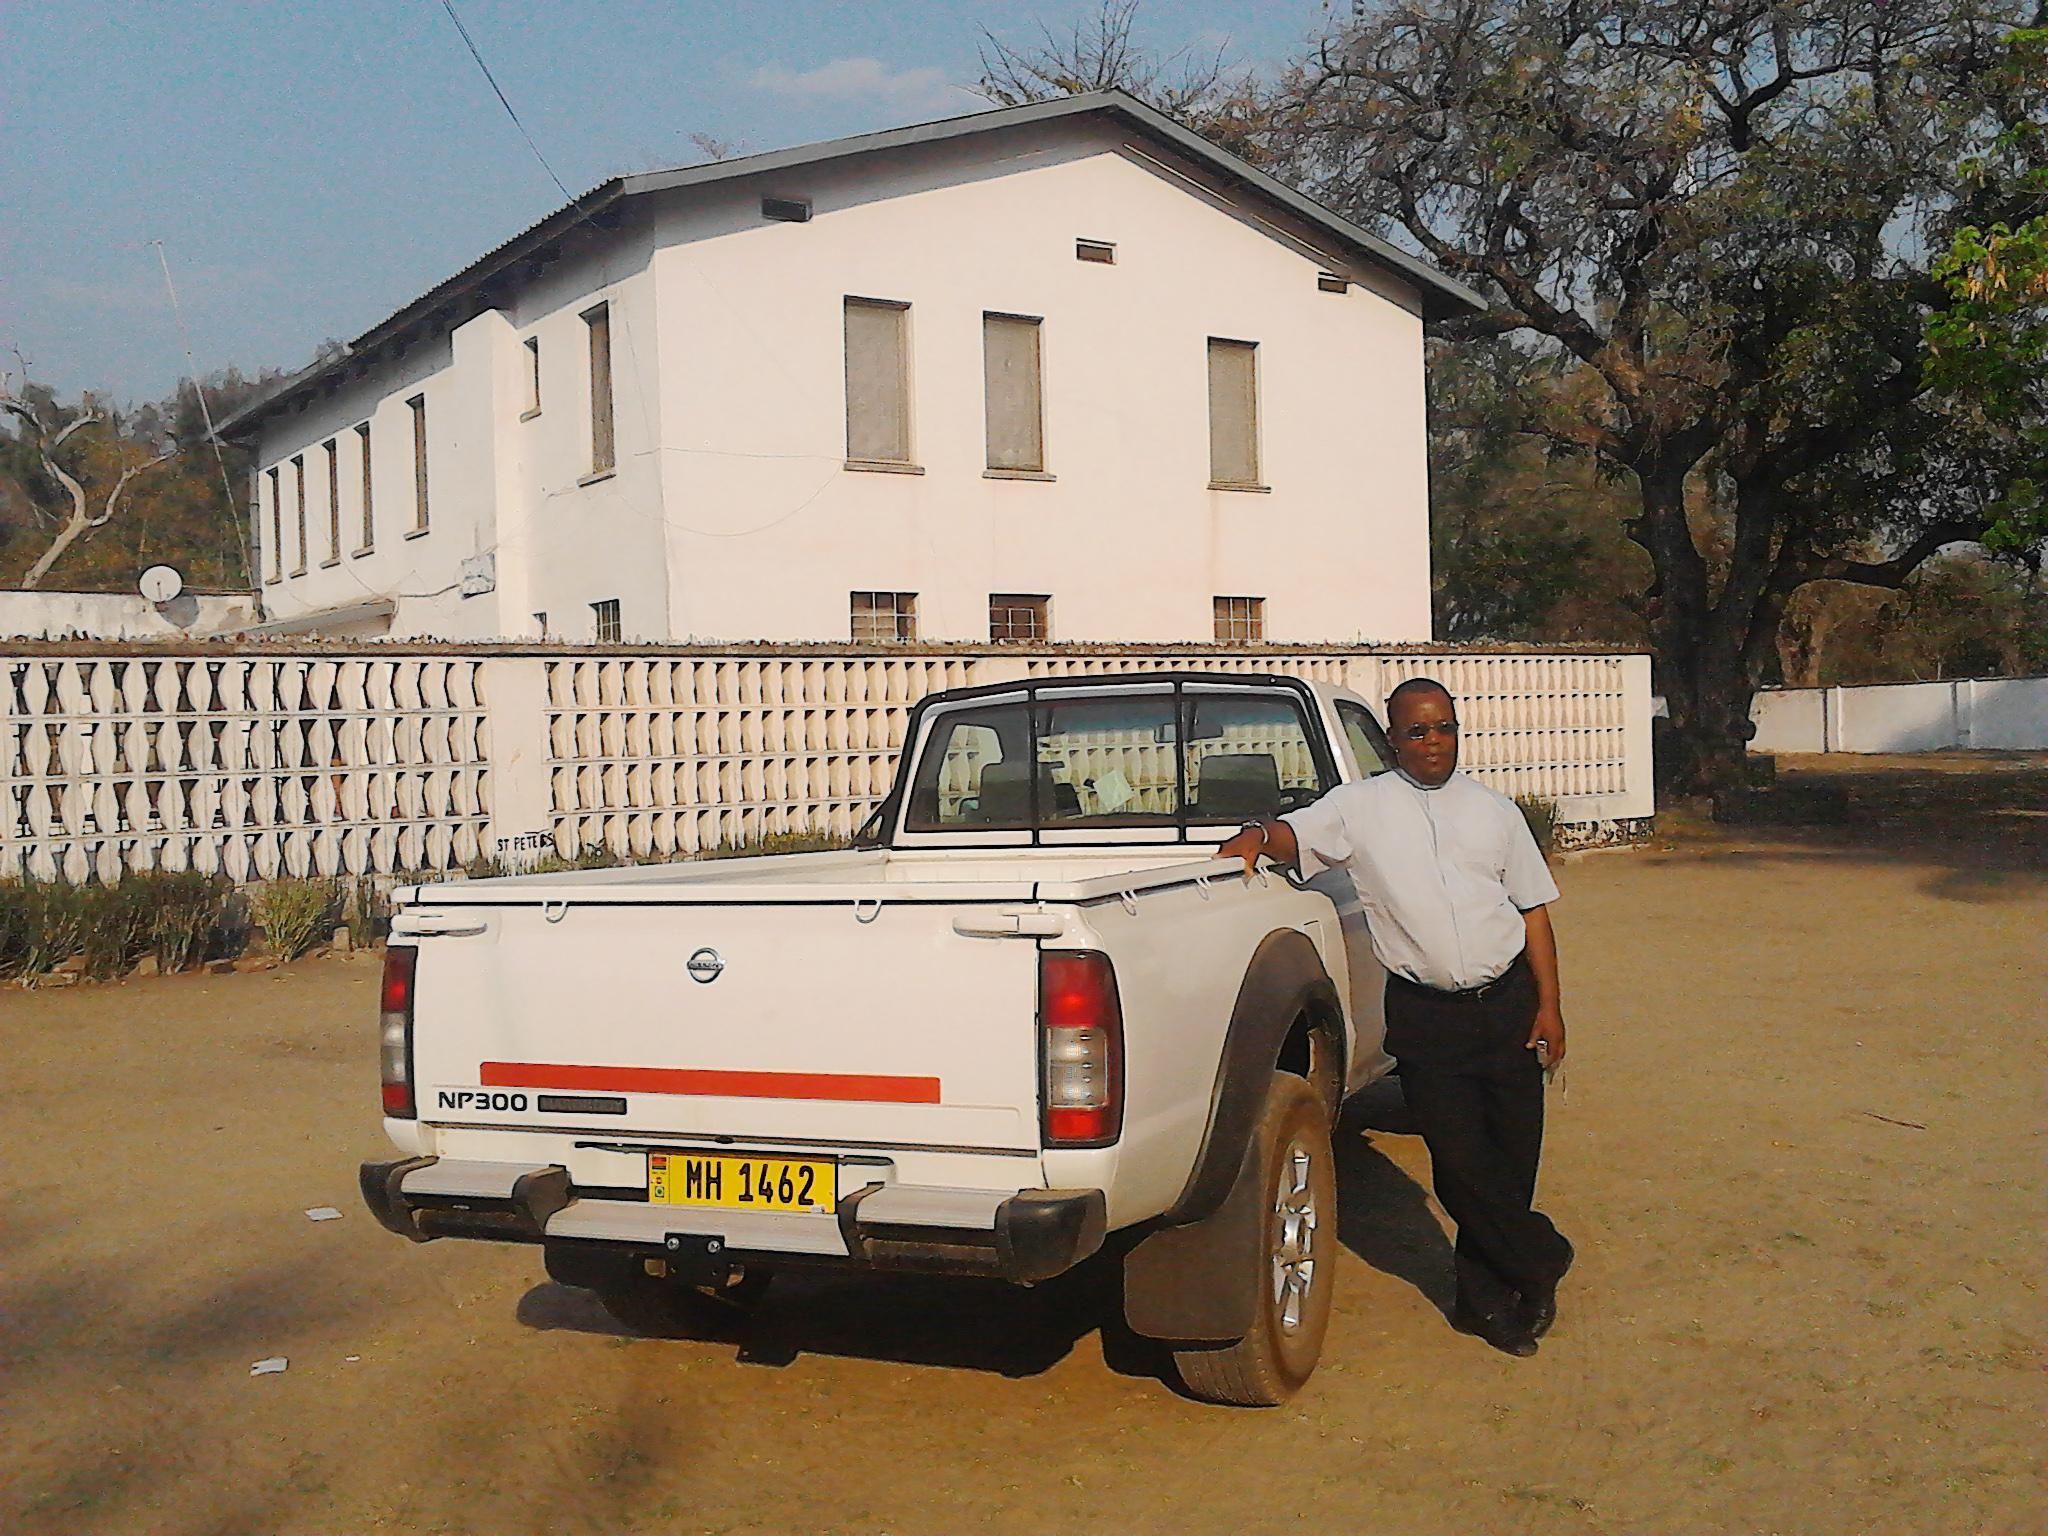 Proyecto de mes: dona ACN vehículo para atender a comunidad de cristianos en África